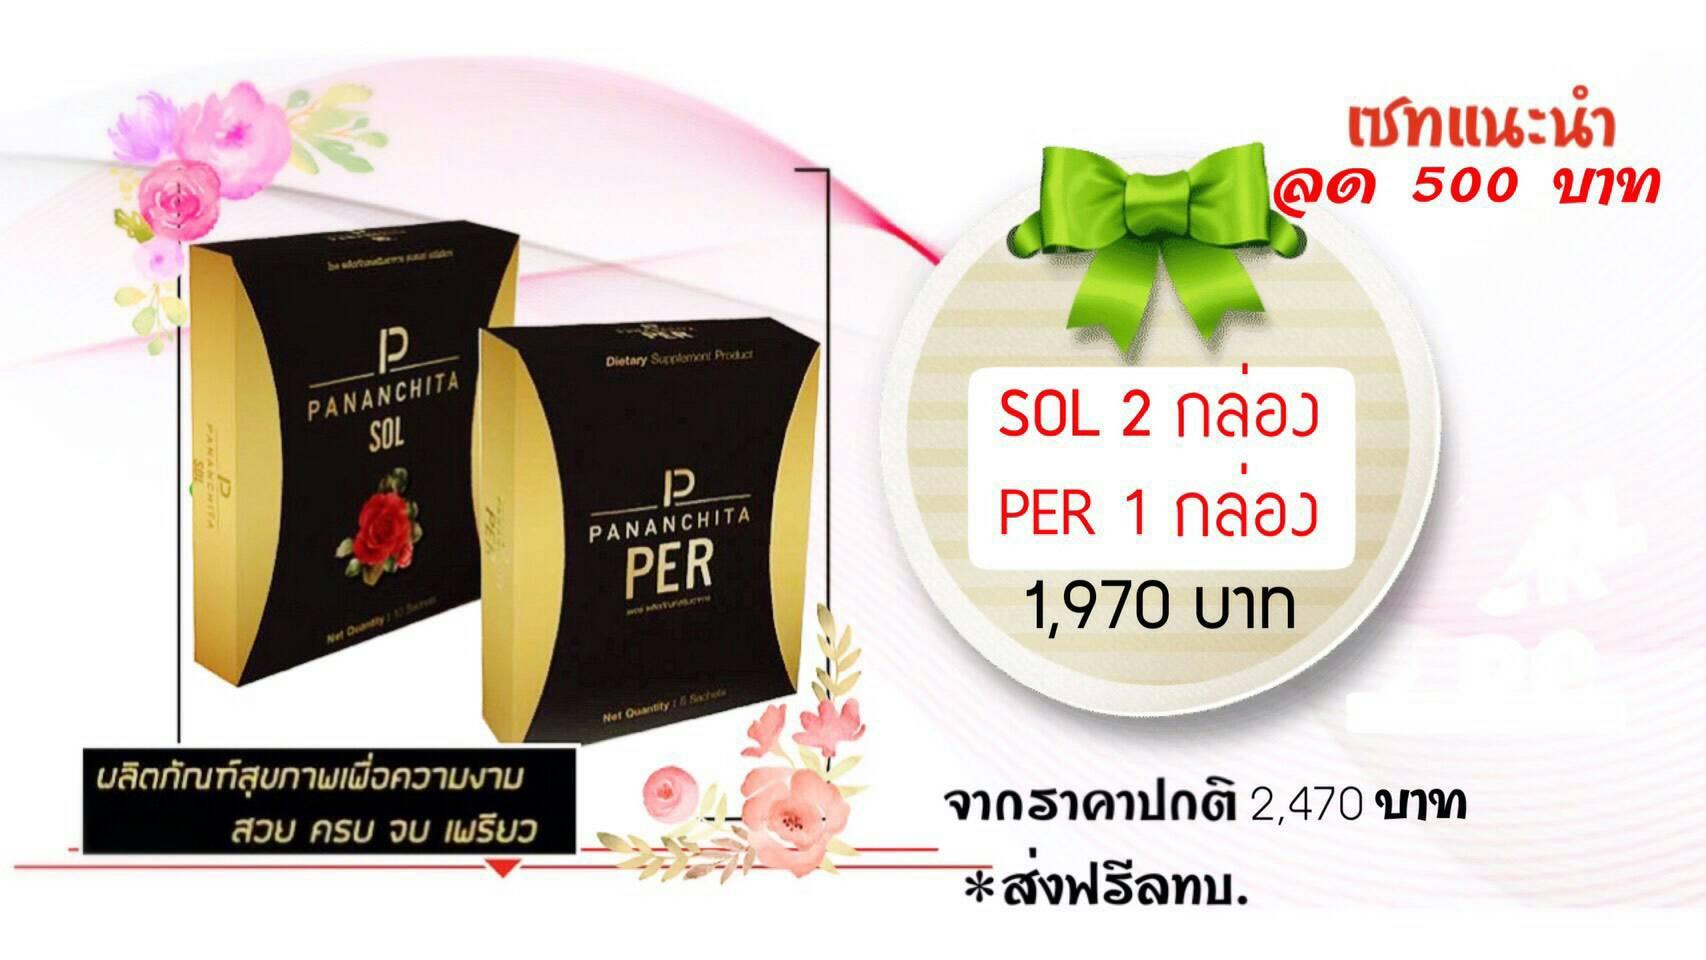 Pananchita PER & SOL เซตสุดคุ้ม โดย ตัวแทนจำหน่าย ขายส่ง ขายปลีก online ราคาถูกที่สุด